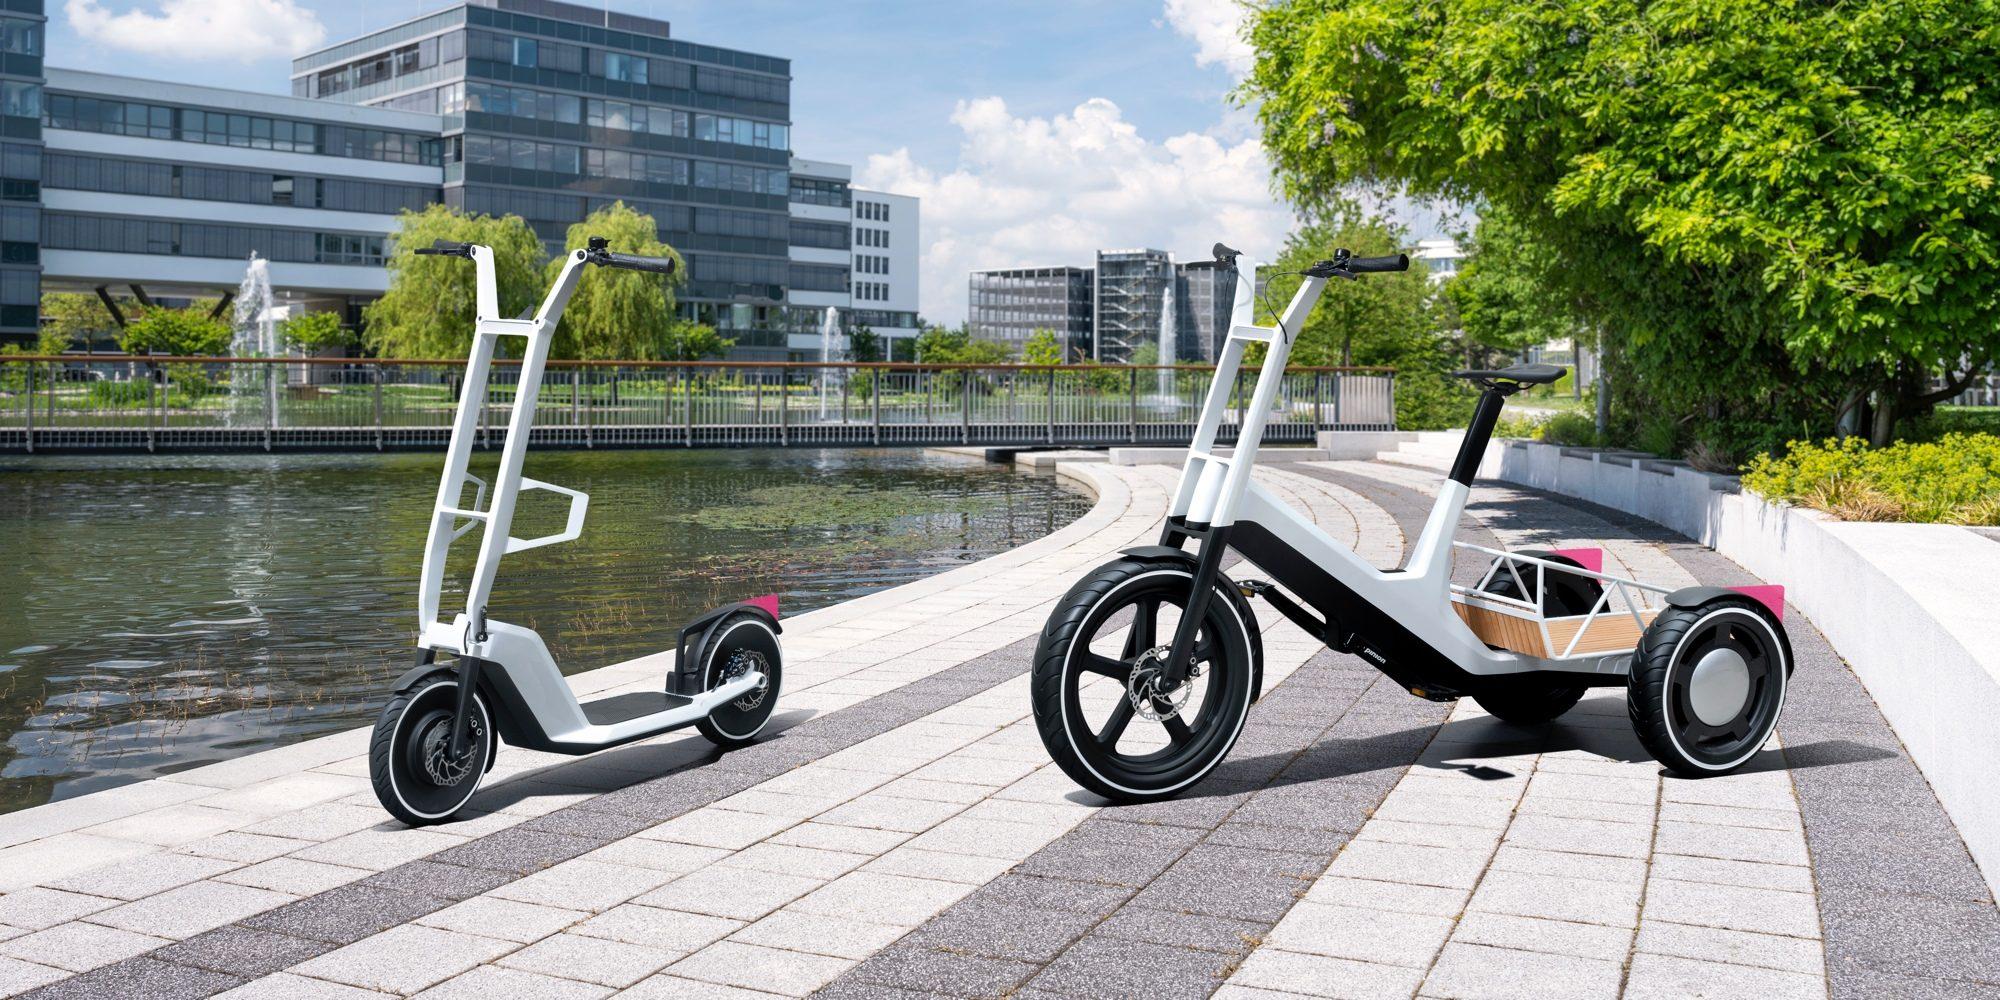 寶馬推出創新的傾斜電動貨運三輪車,然後立即表示不會生產